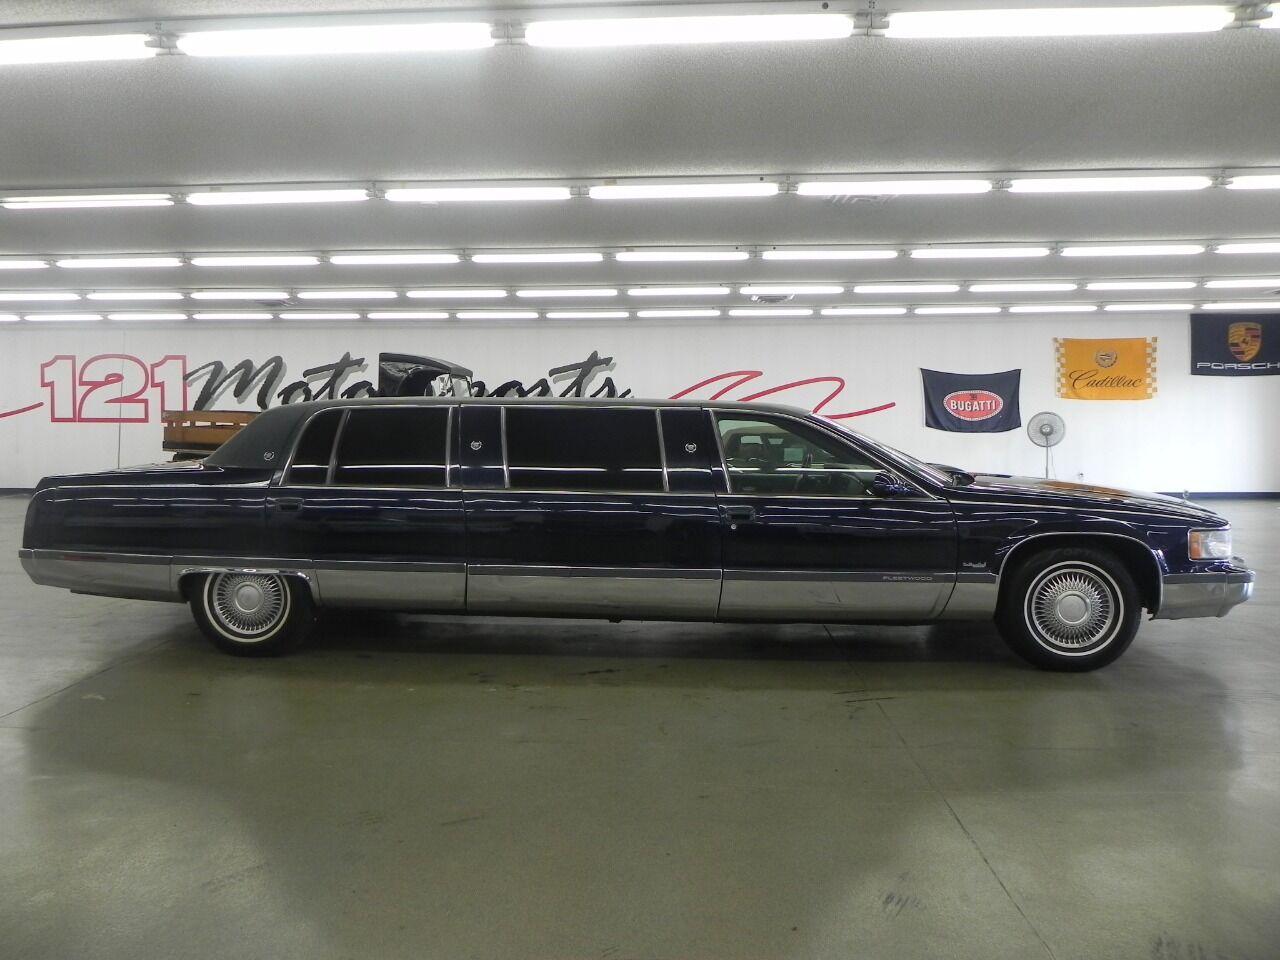 1995 Cadillac Fleetwood photo